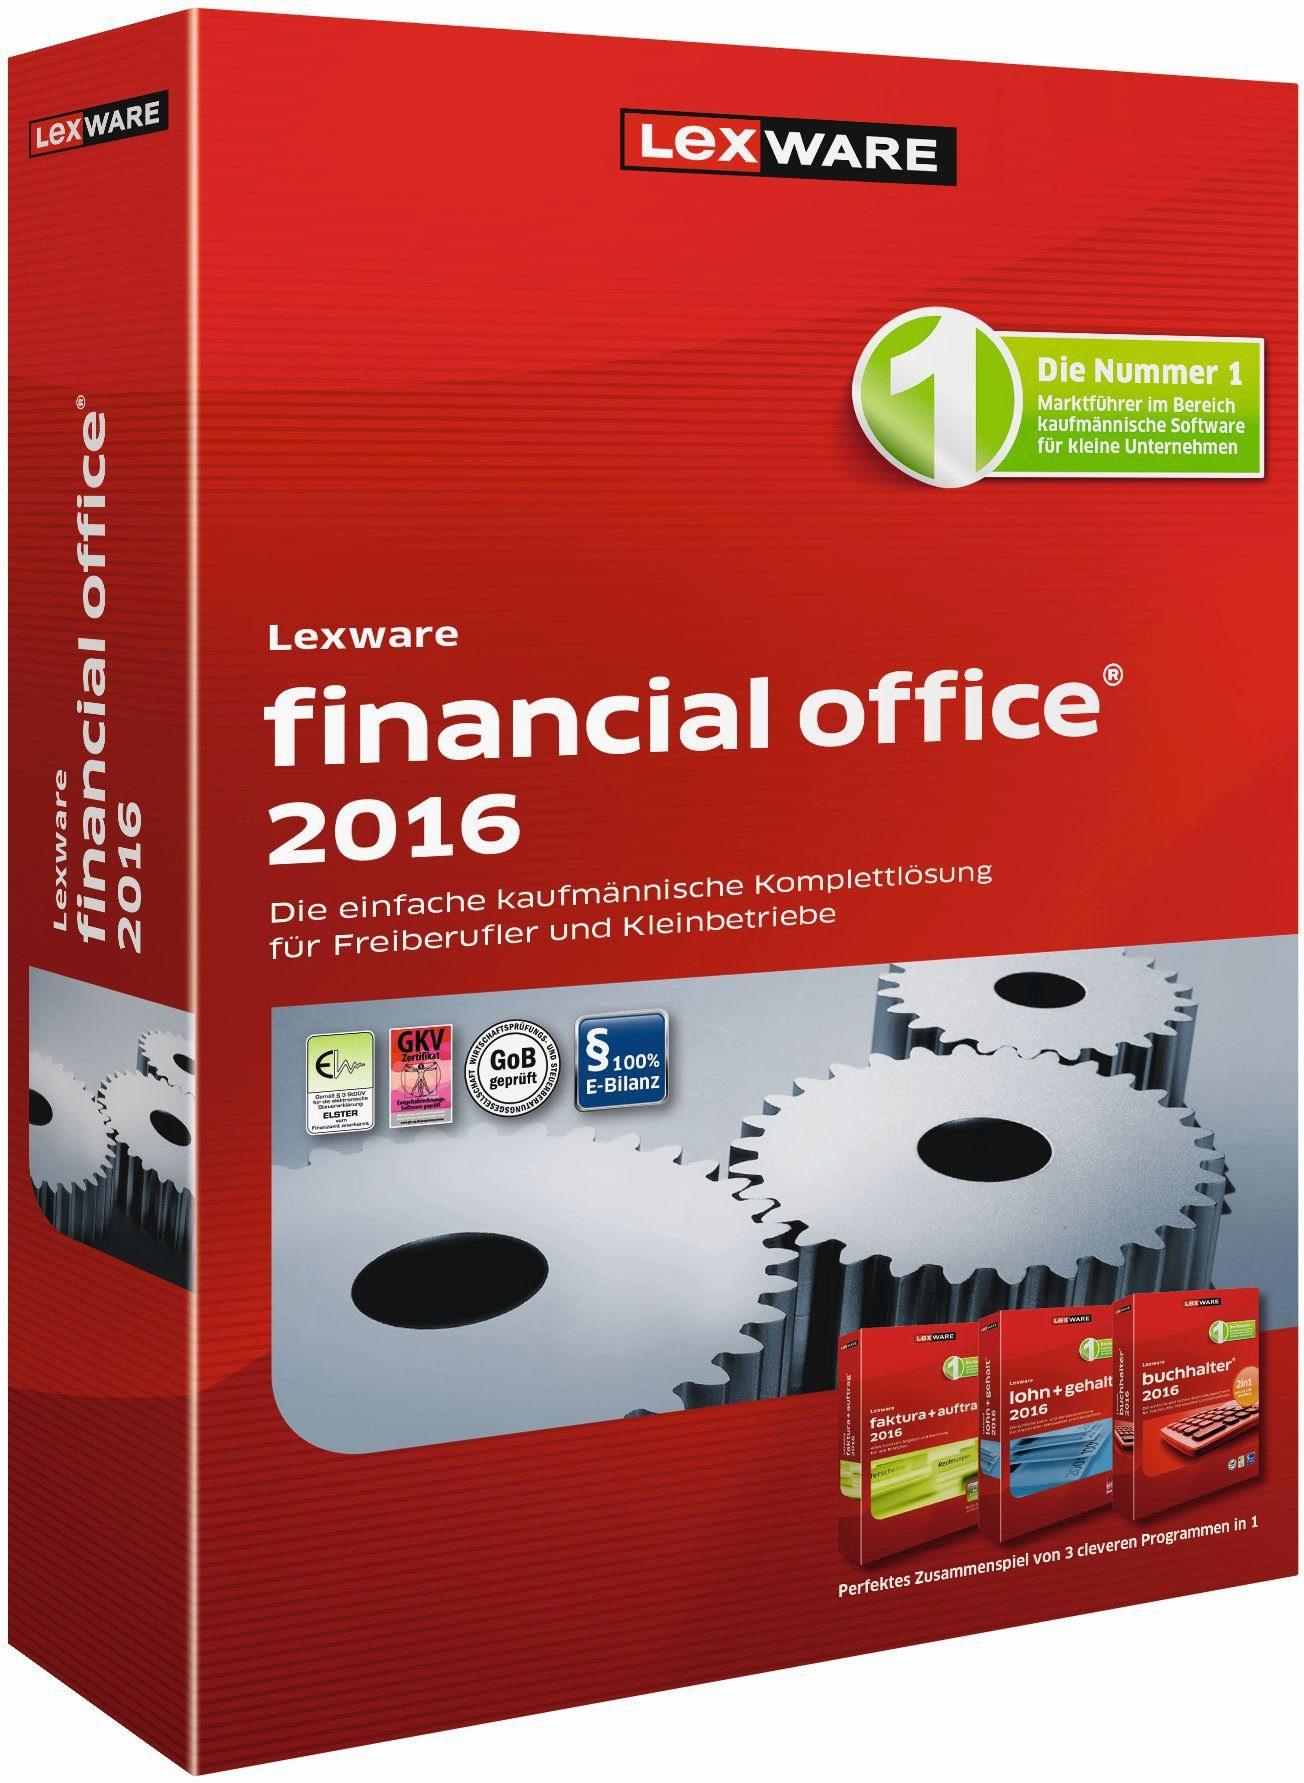 Lexware Kaufmännische Komplettlösung »financial office 2016«